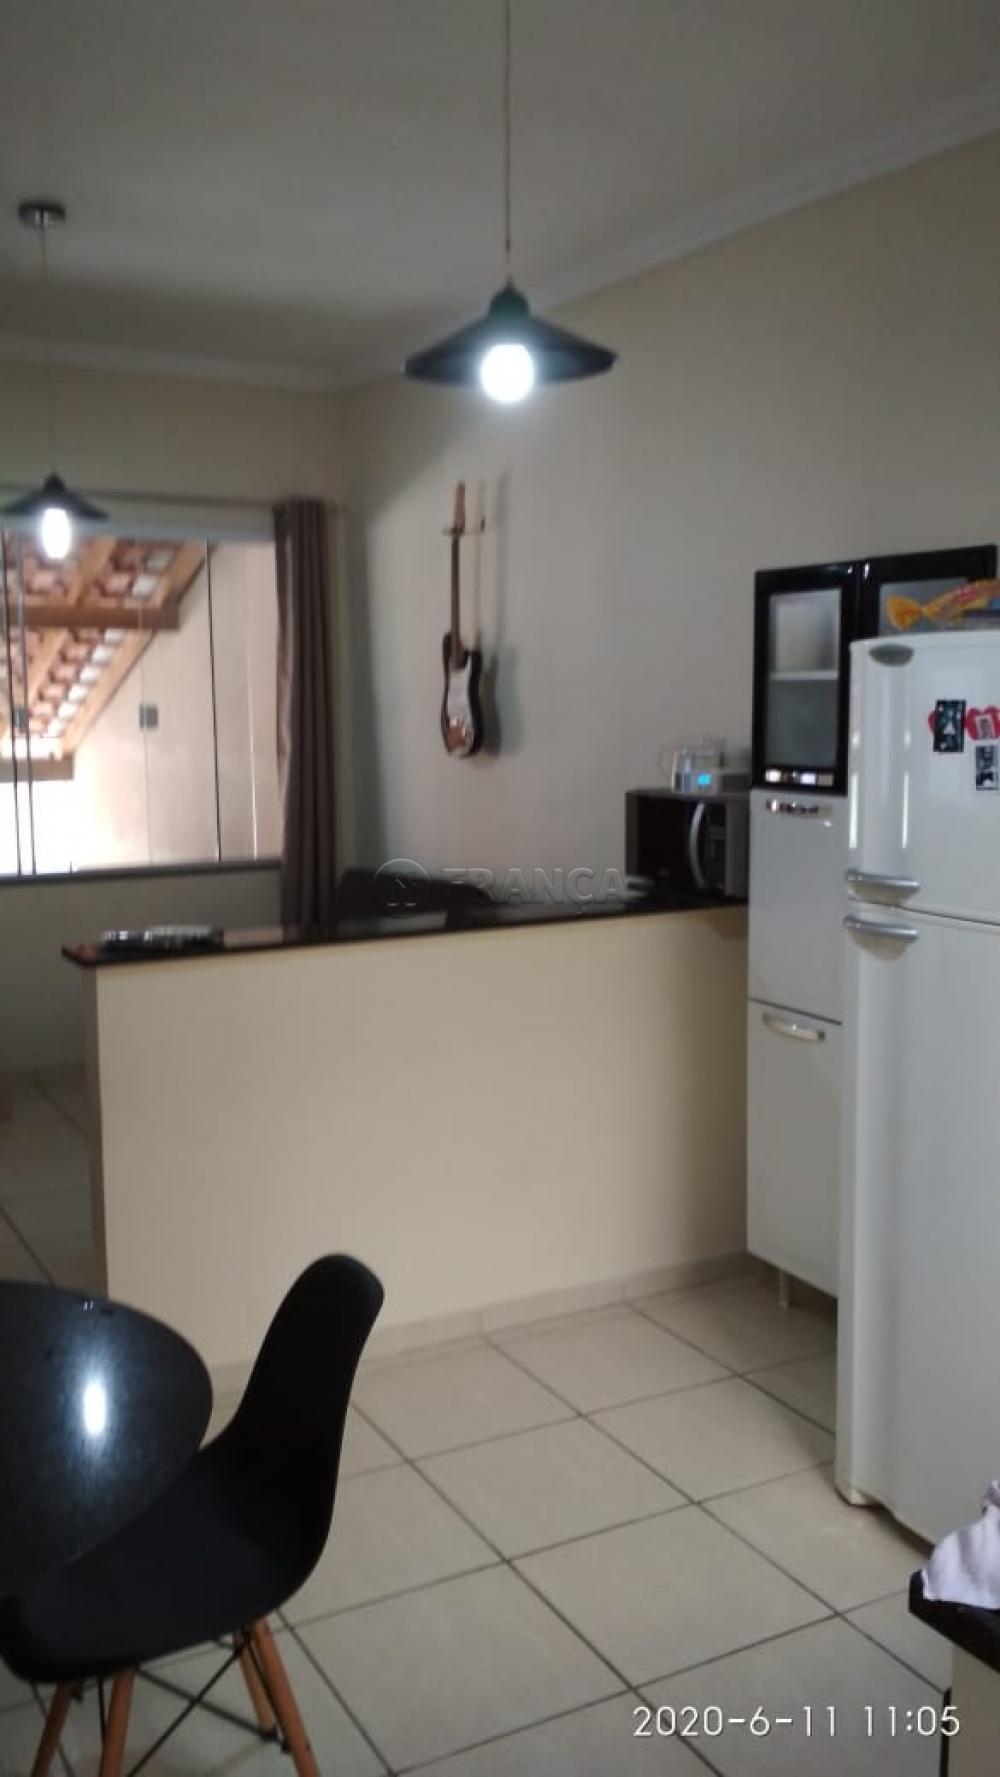 Comprar Casa / Padrão em Caçapava apenas R$ 160.000,00 - Foto 3